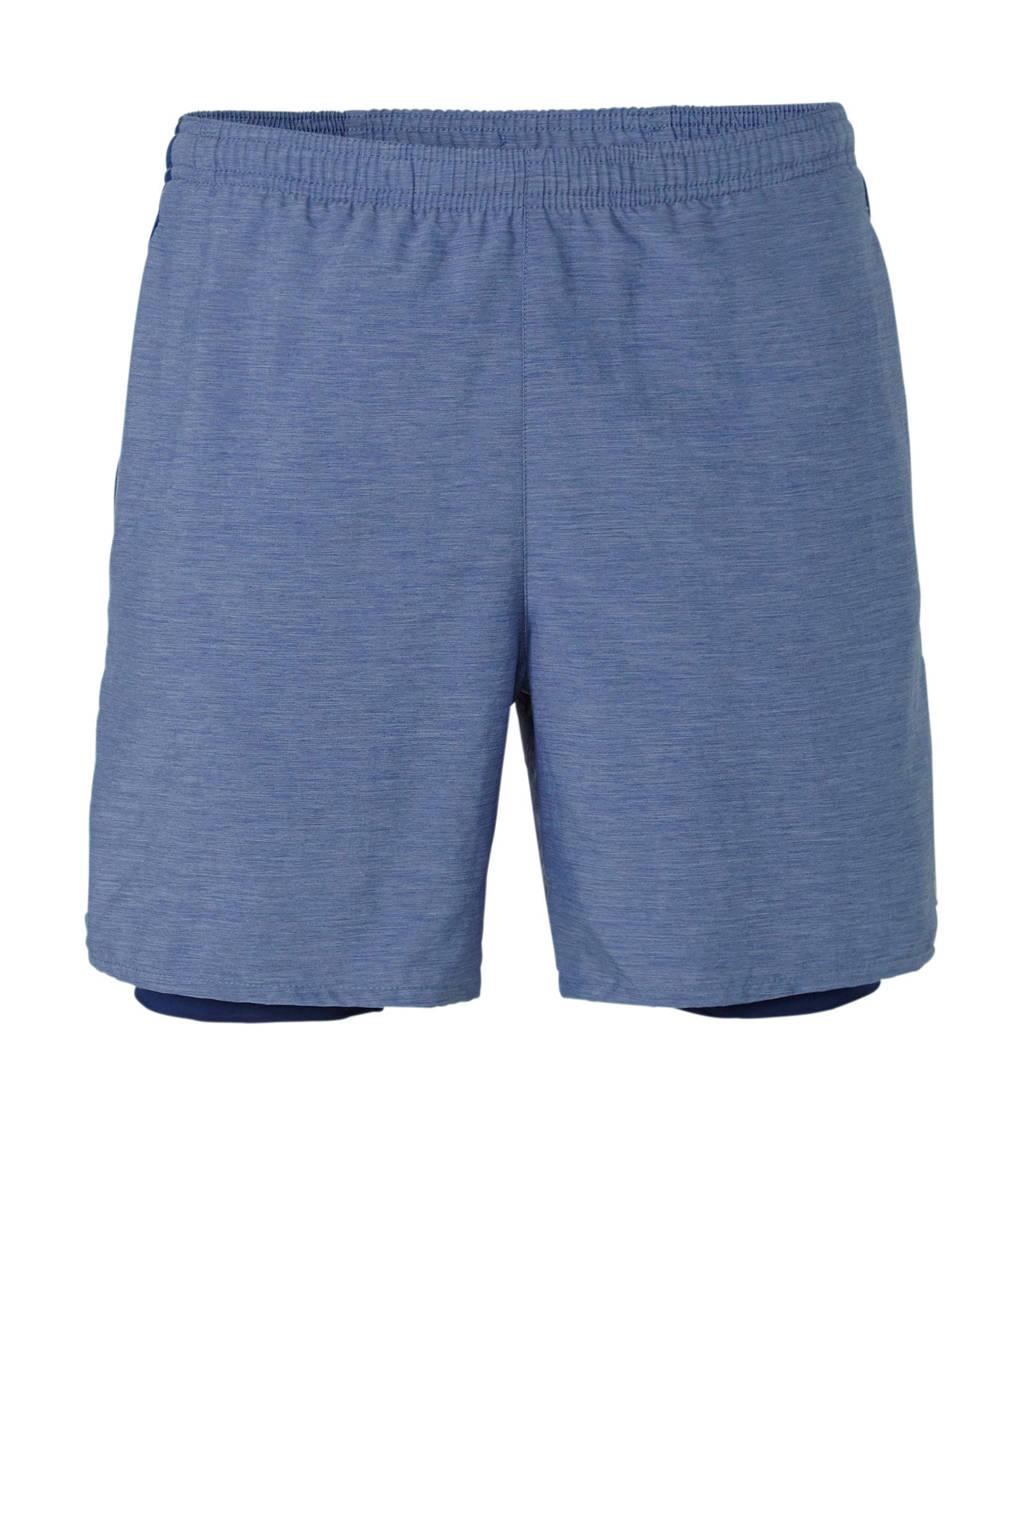 Nike   hardloopshort blauw, Blauw